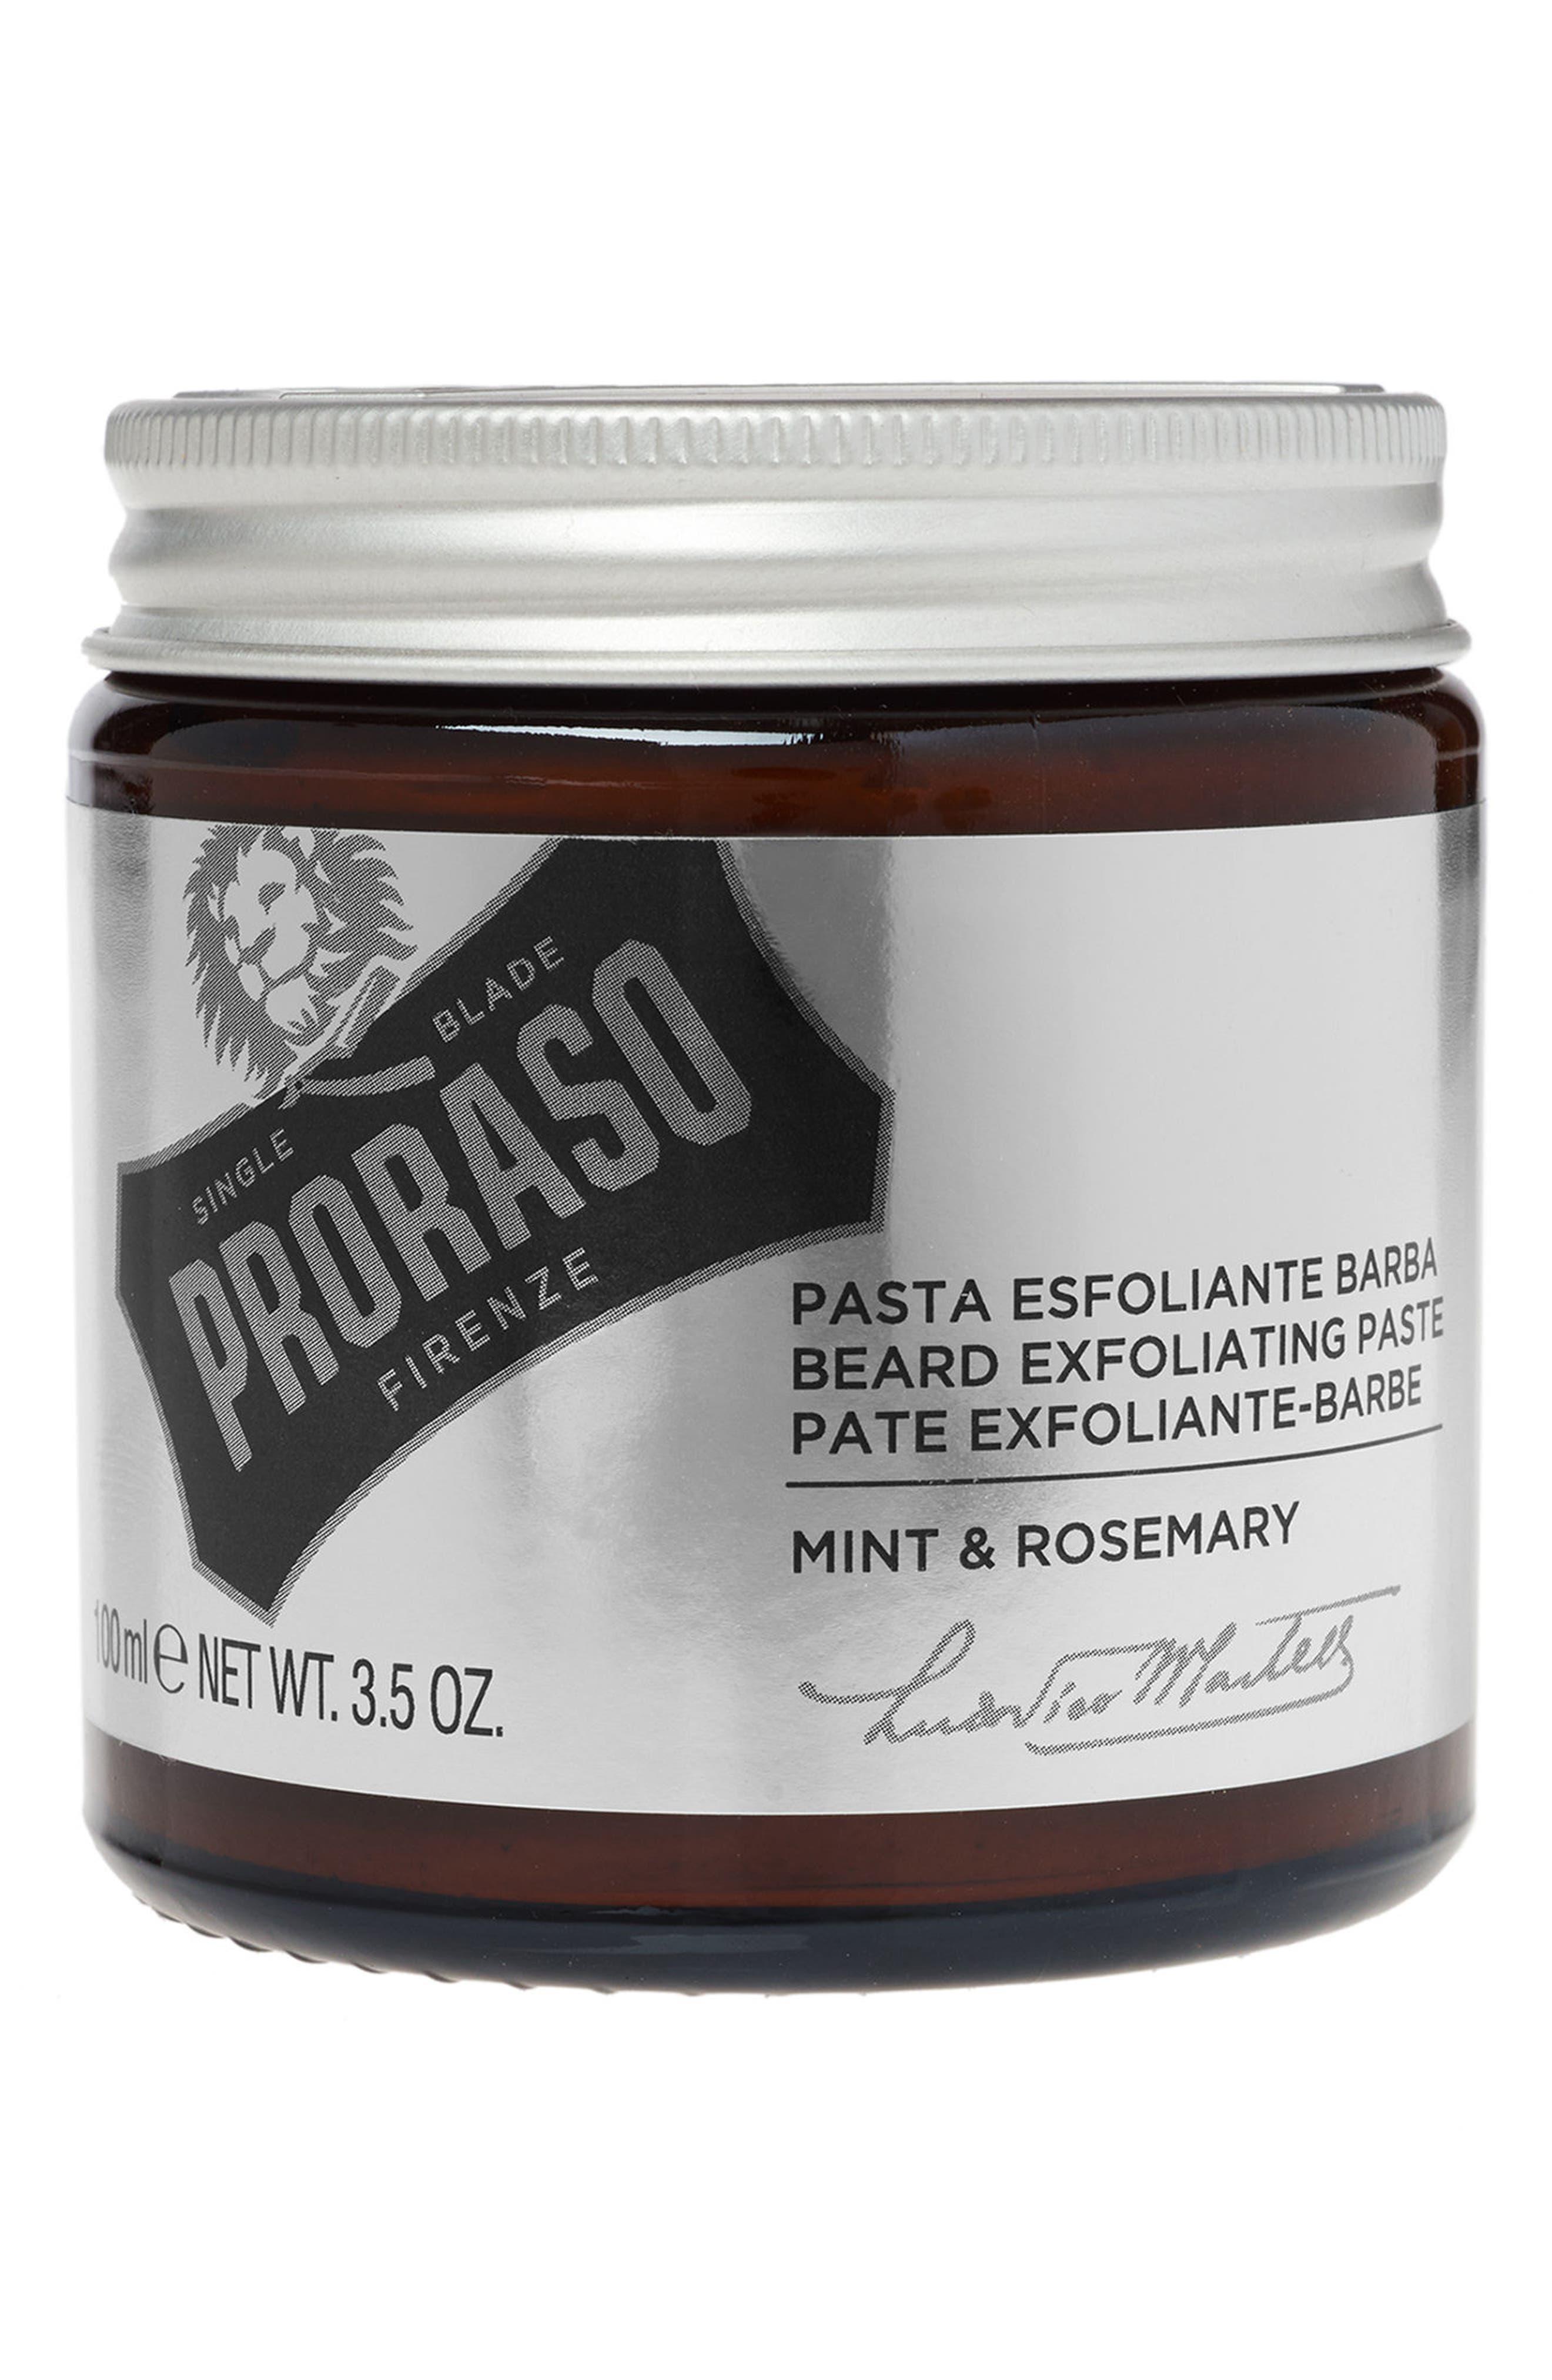 Men's Grooming Beard Exfoliate Paste,                             Main thumbnail 1, color,                             000